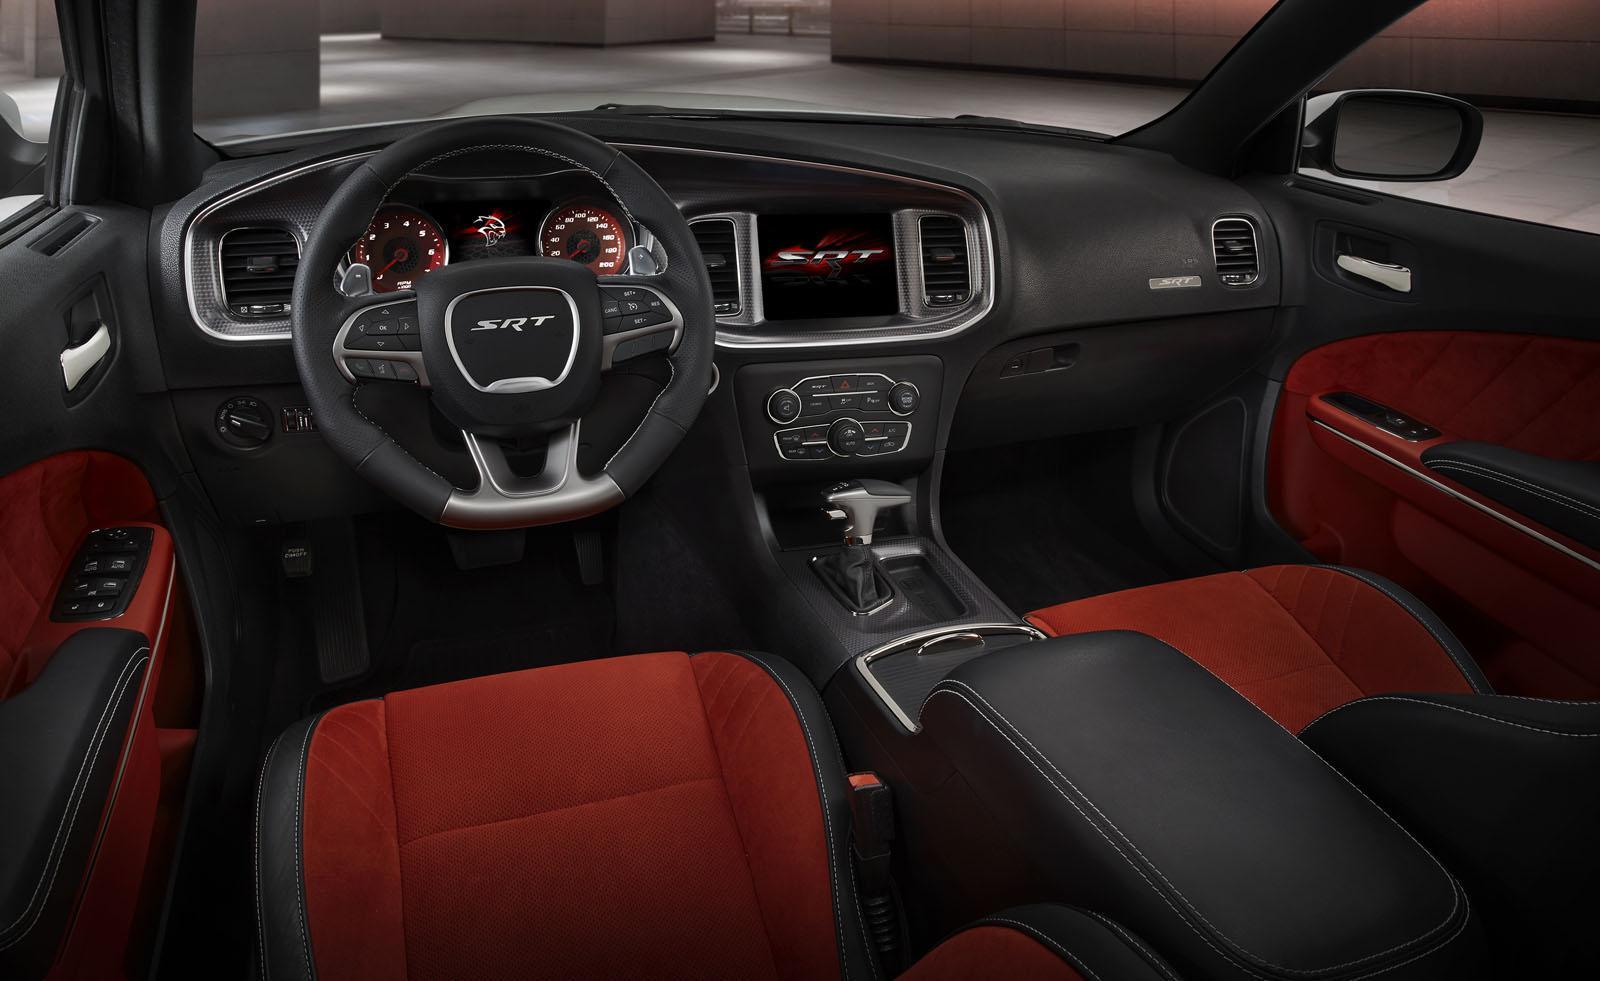 2015 Dodge Charger Srt Hellcat Dashboard Forcegt Com